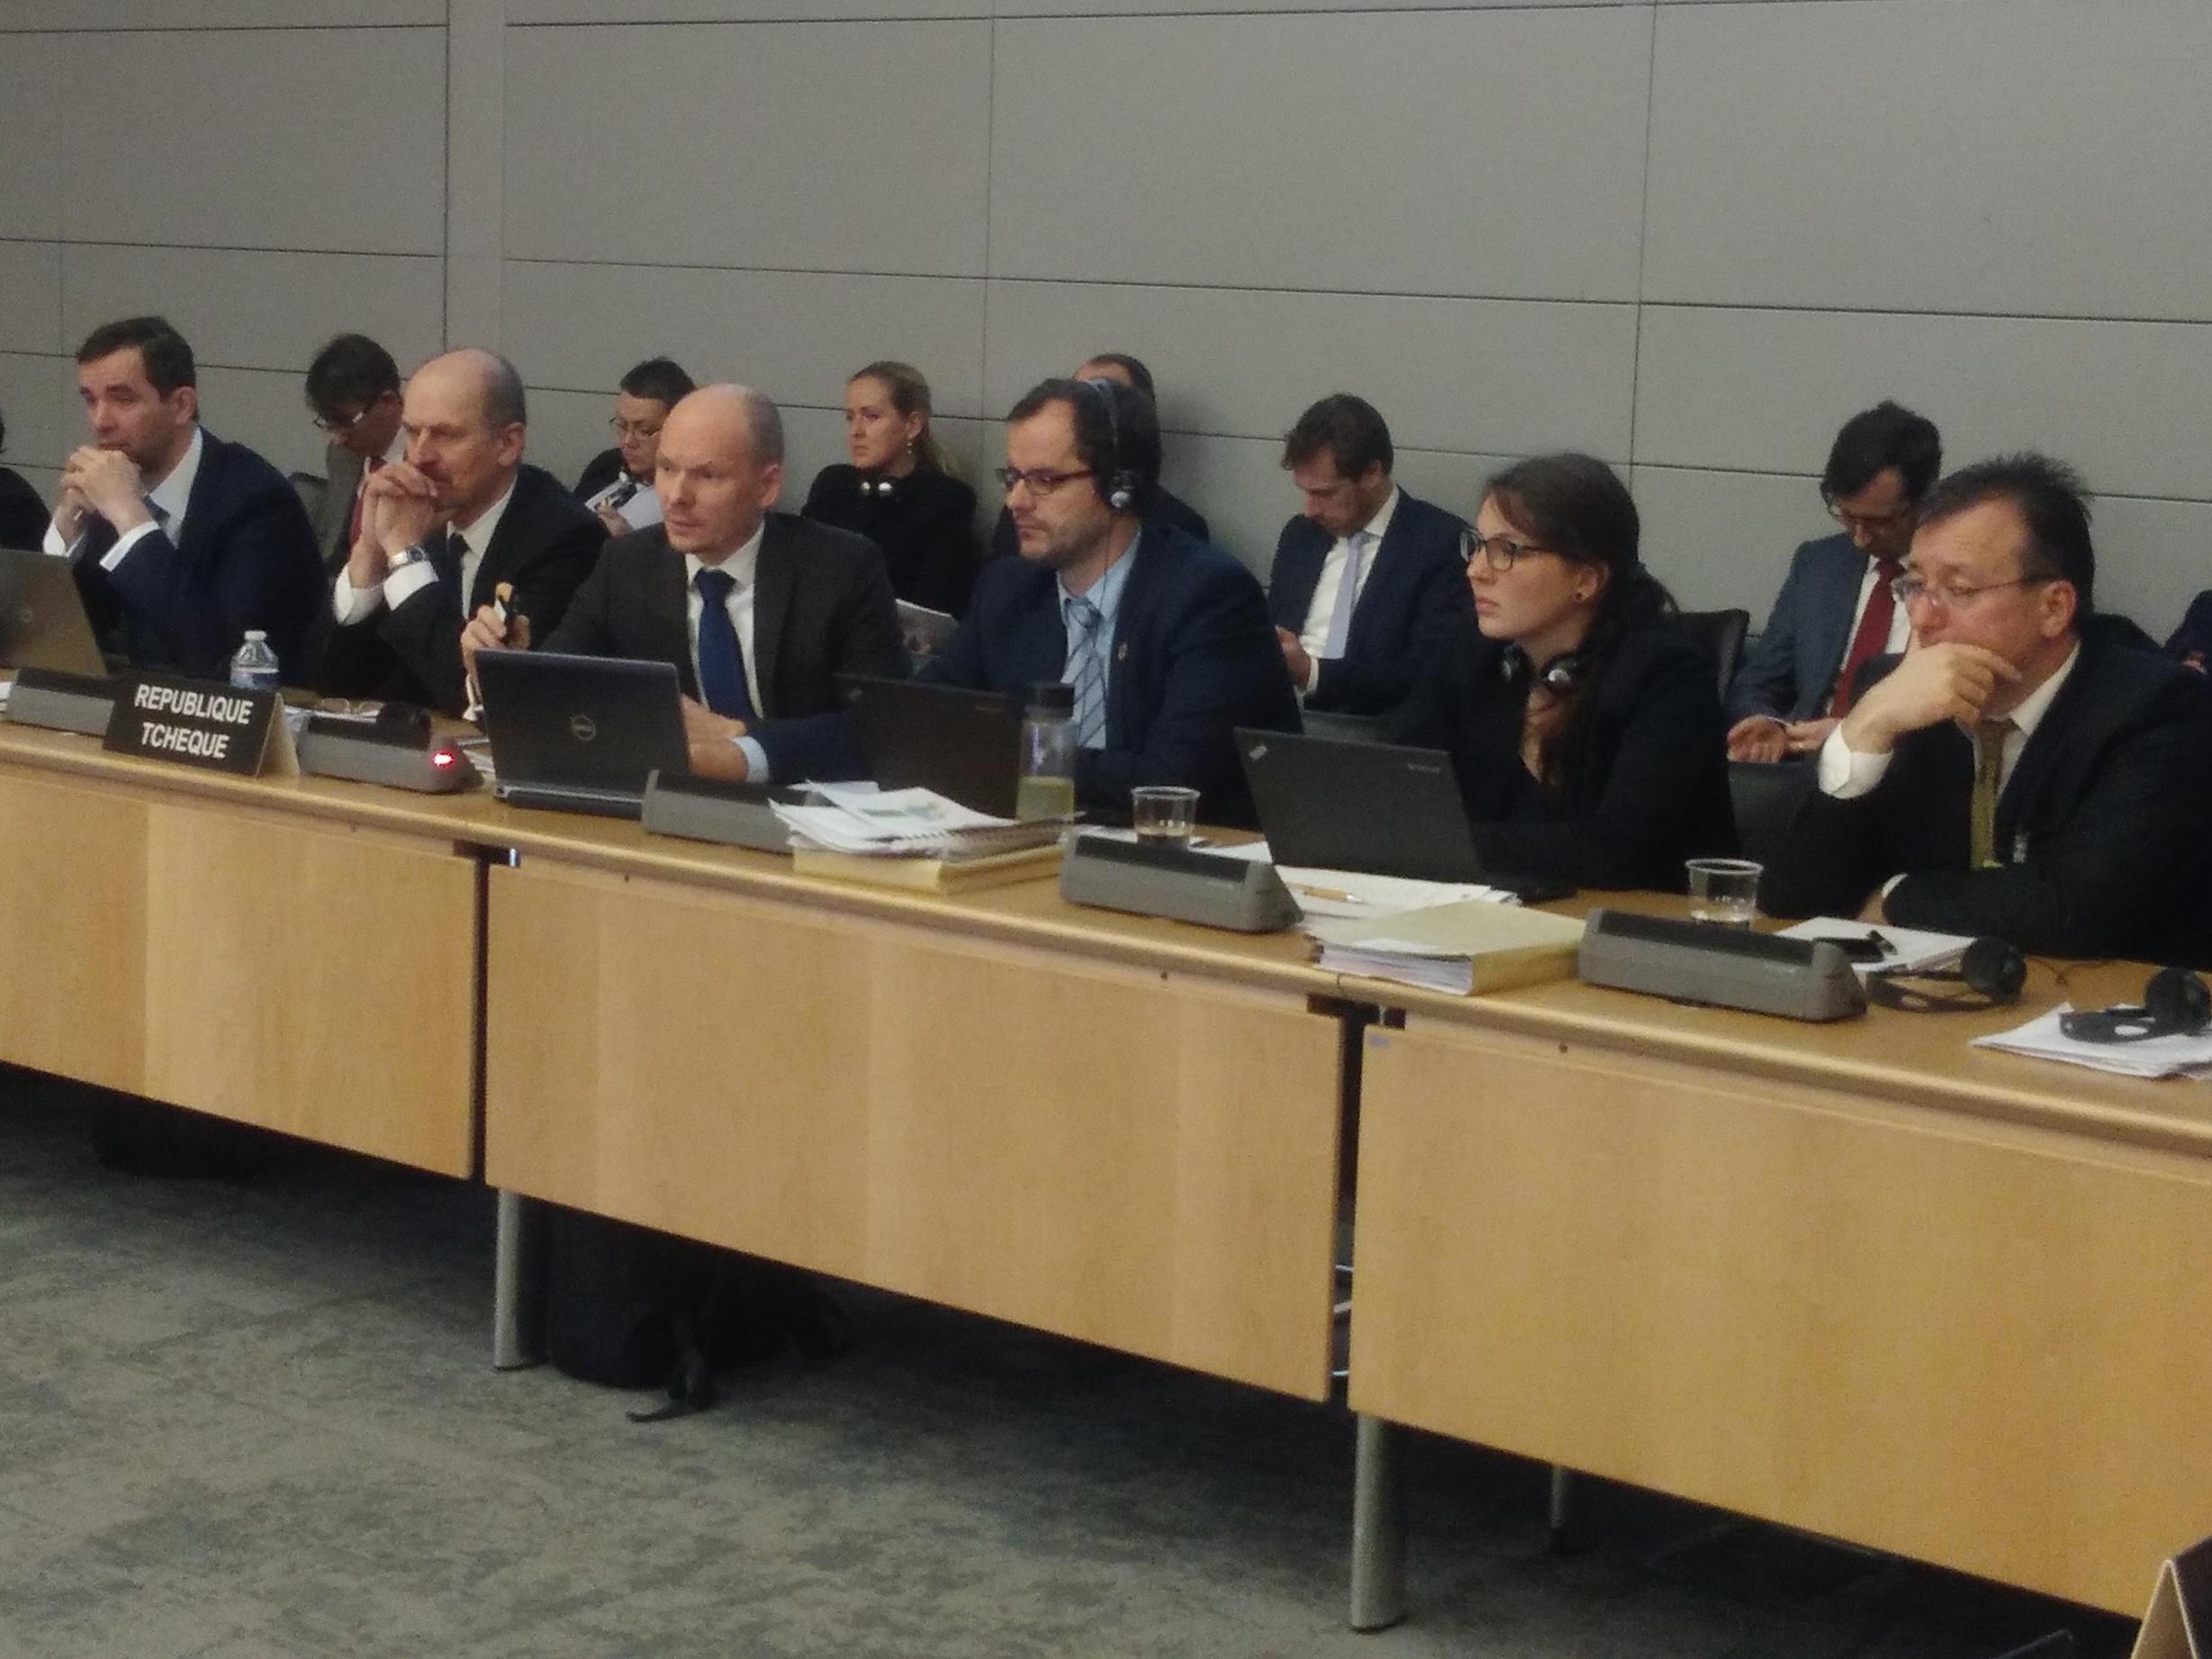 OECD hodnotila životní prostředí ČR. Vystoupení české delegace na oponentním jednání v Paříži bylo úspěšné